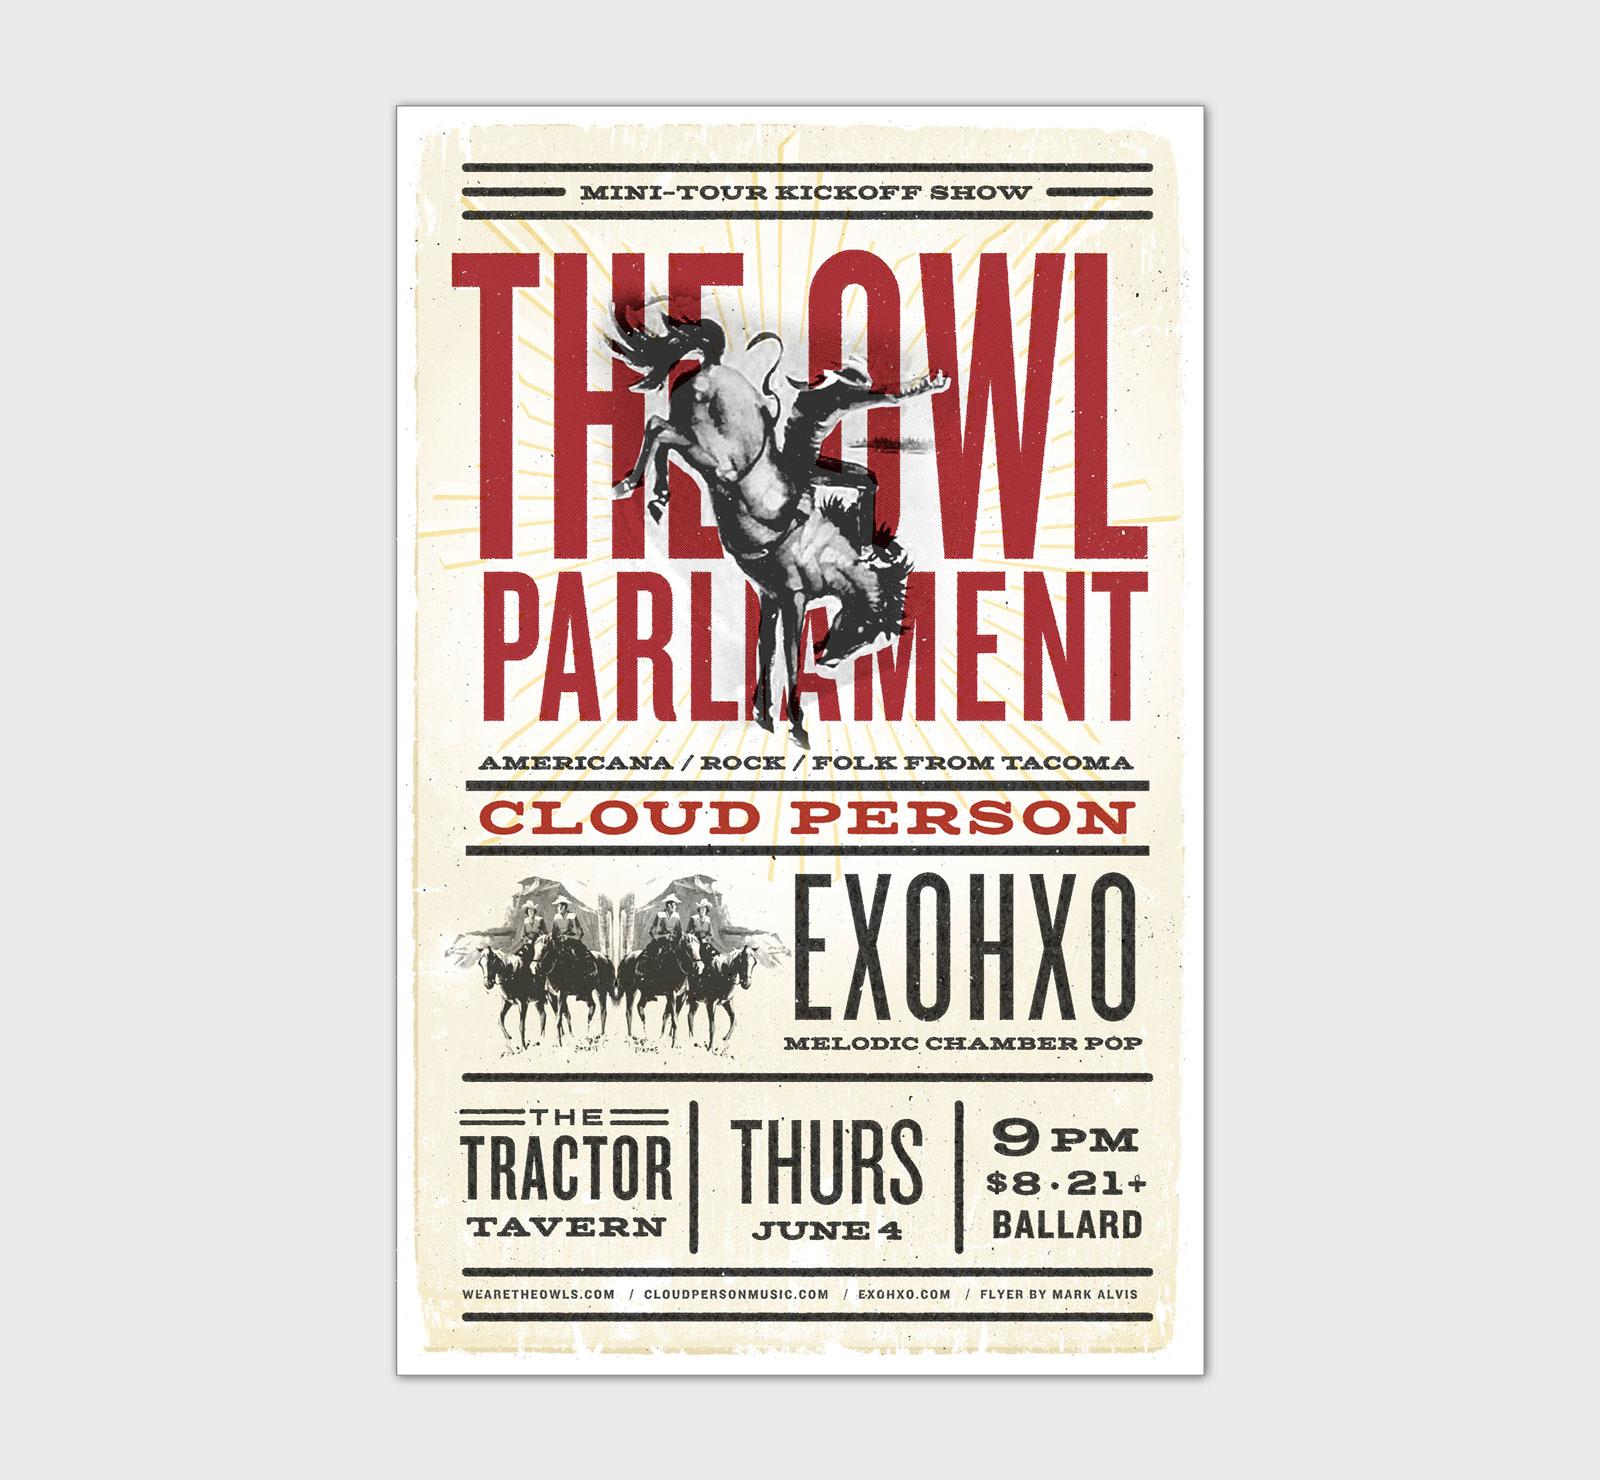 OWLS_Tractor_1600px_R2.jpg